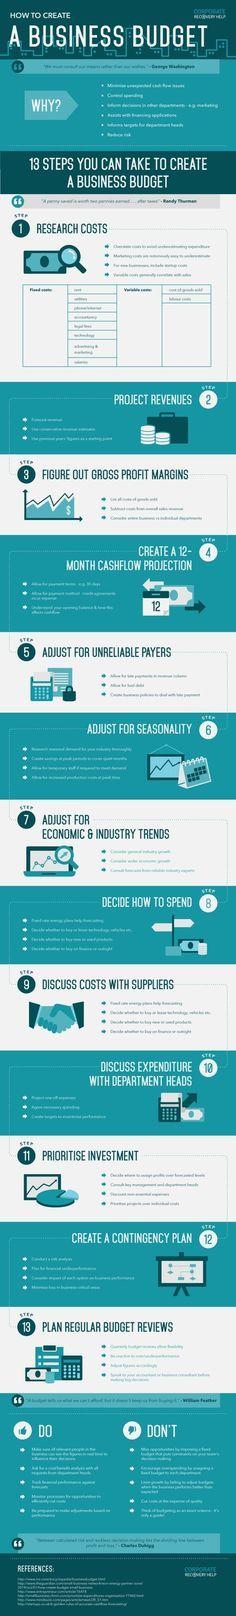 18 best business plan images on Pinterest Entrepreneurship, Social - contingency plan example